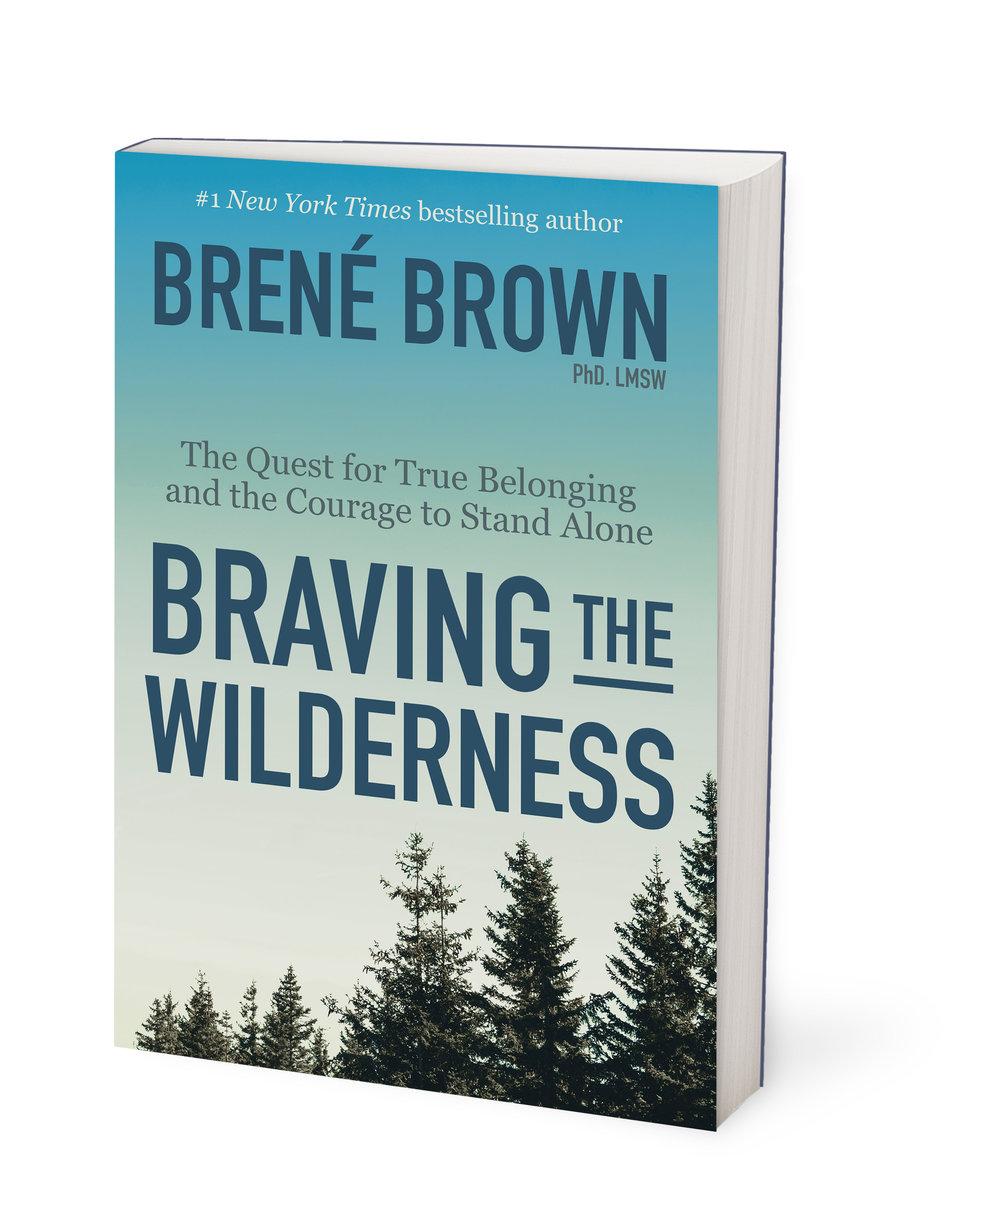 brene brown braving the wilderness book - Você é vulnerável o suficiente para se conectar?